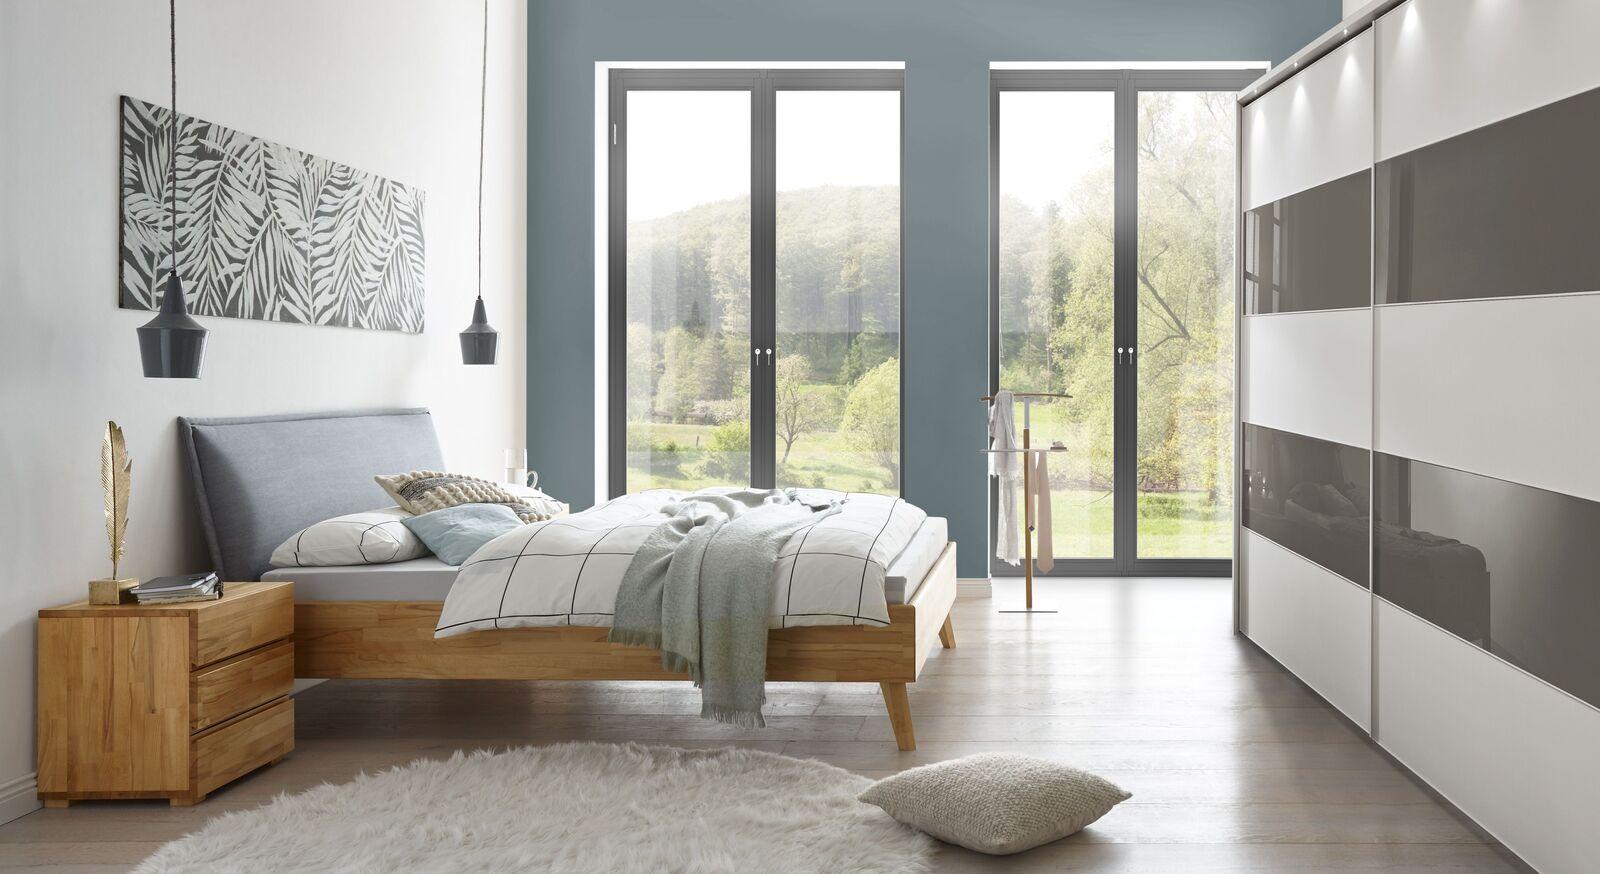 Bett Soprenia mit passender Schlafzimmer-Einrichtung